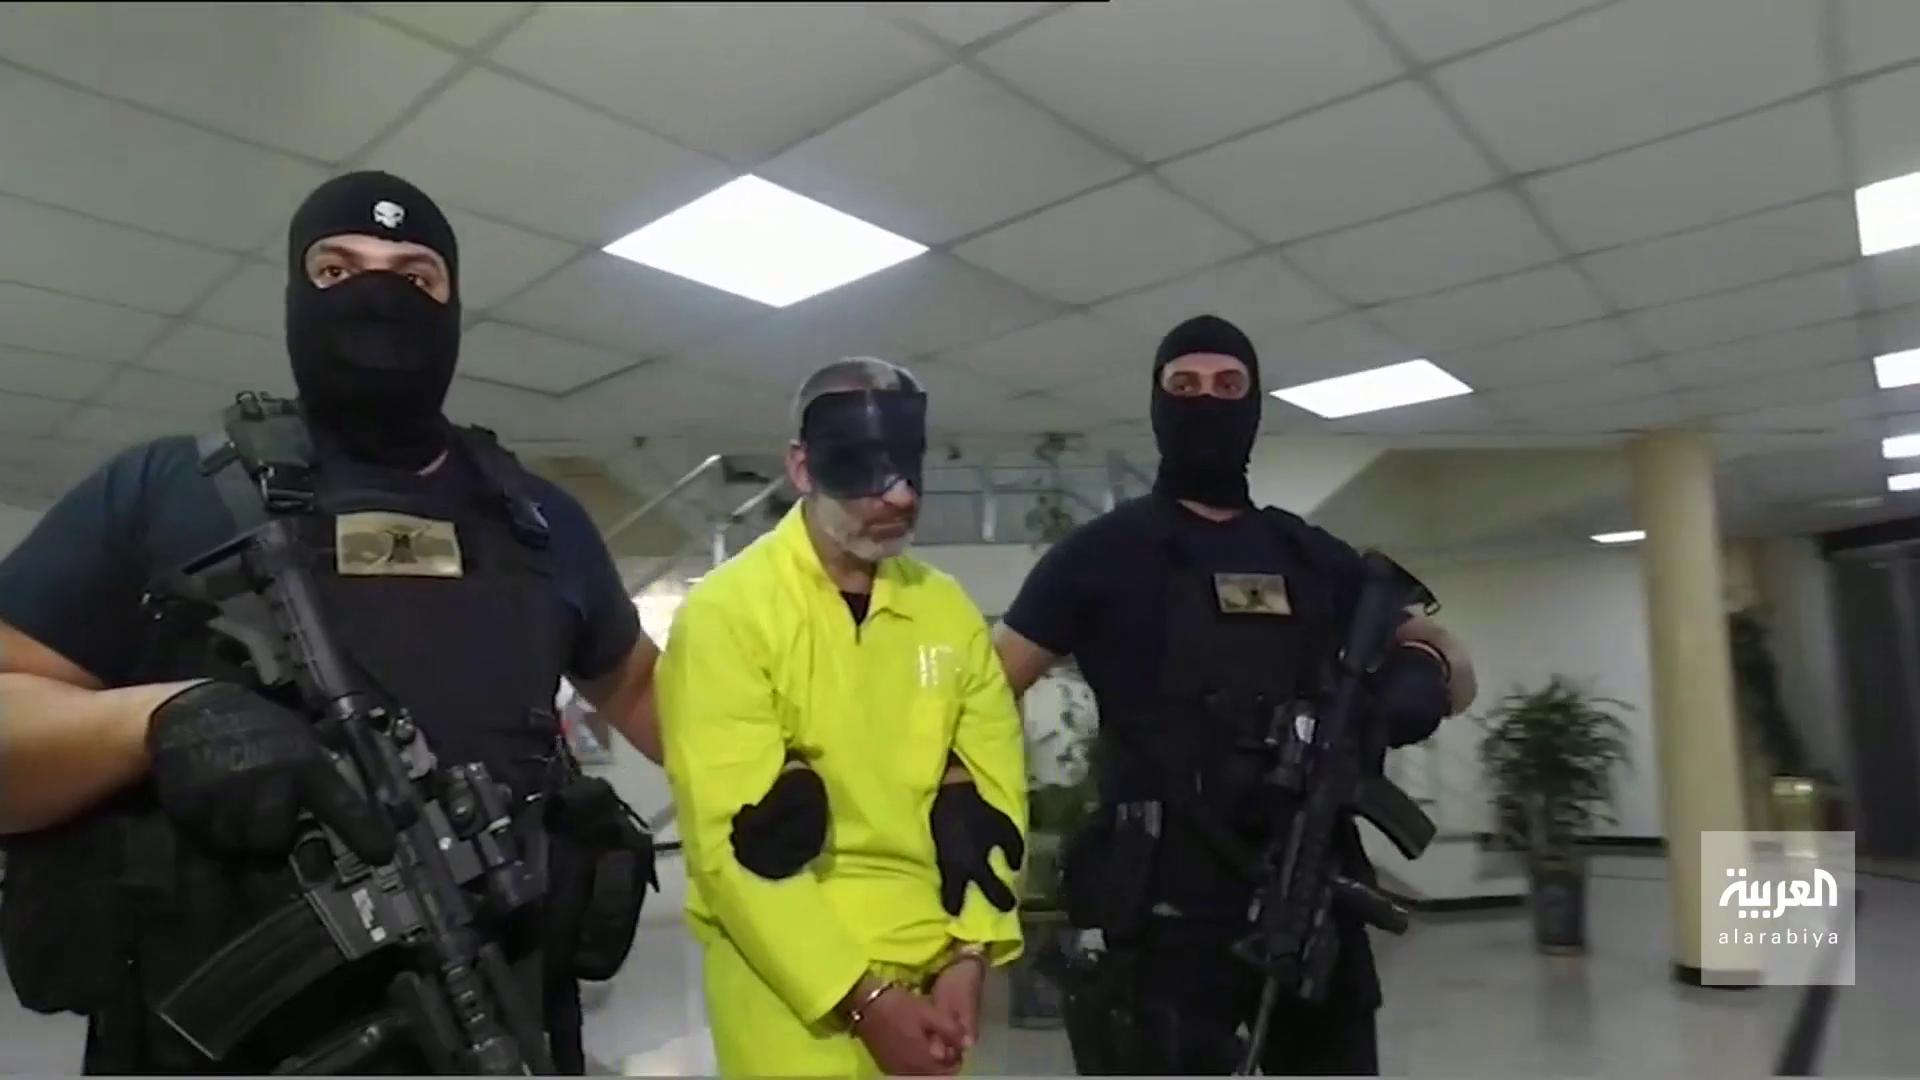 توقيف أحد عناصر داعش في العراق (أرشيفبة)